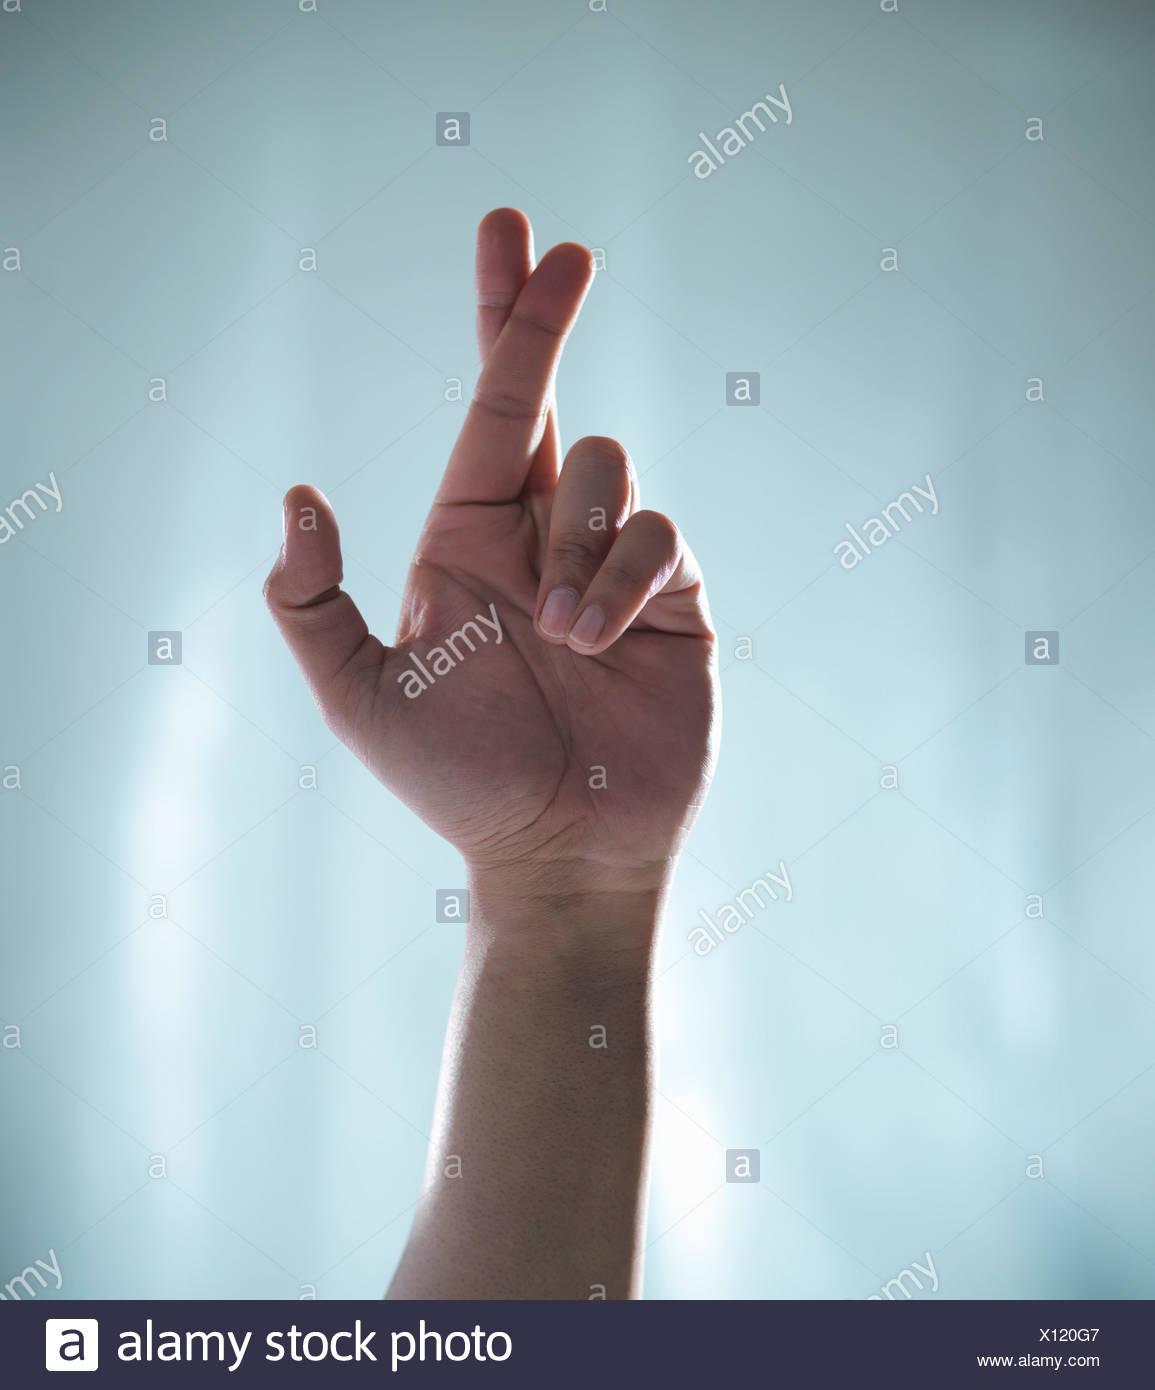 Nahaufnahme von Hand mit gekreuzten Fingern Stockbild